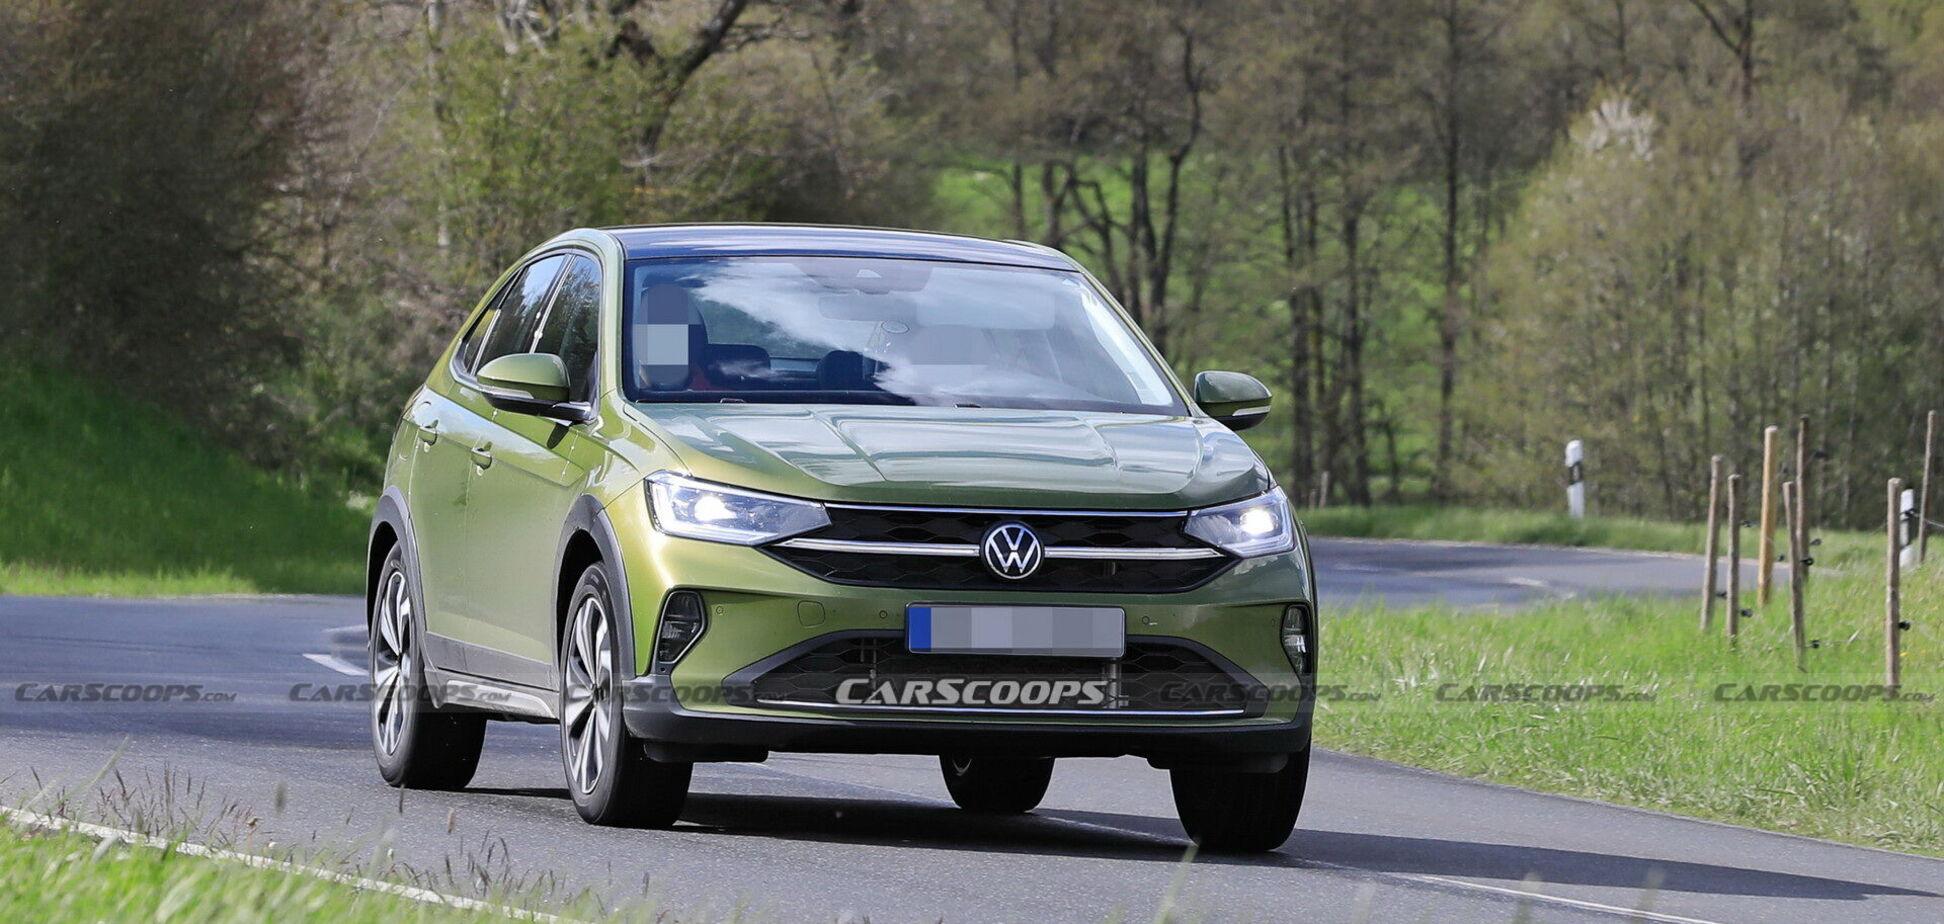 Volkswagen привезет в Европу новый компактный кроссовер